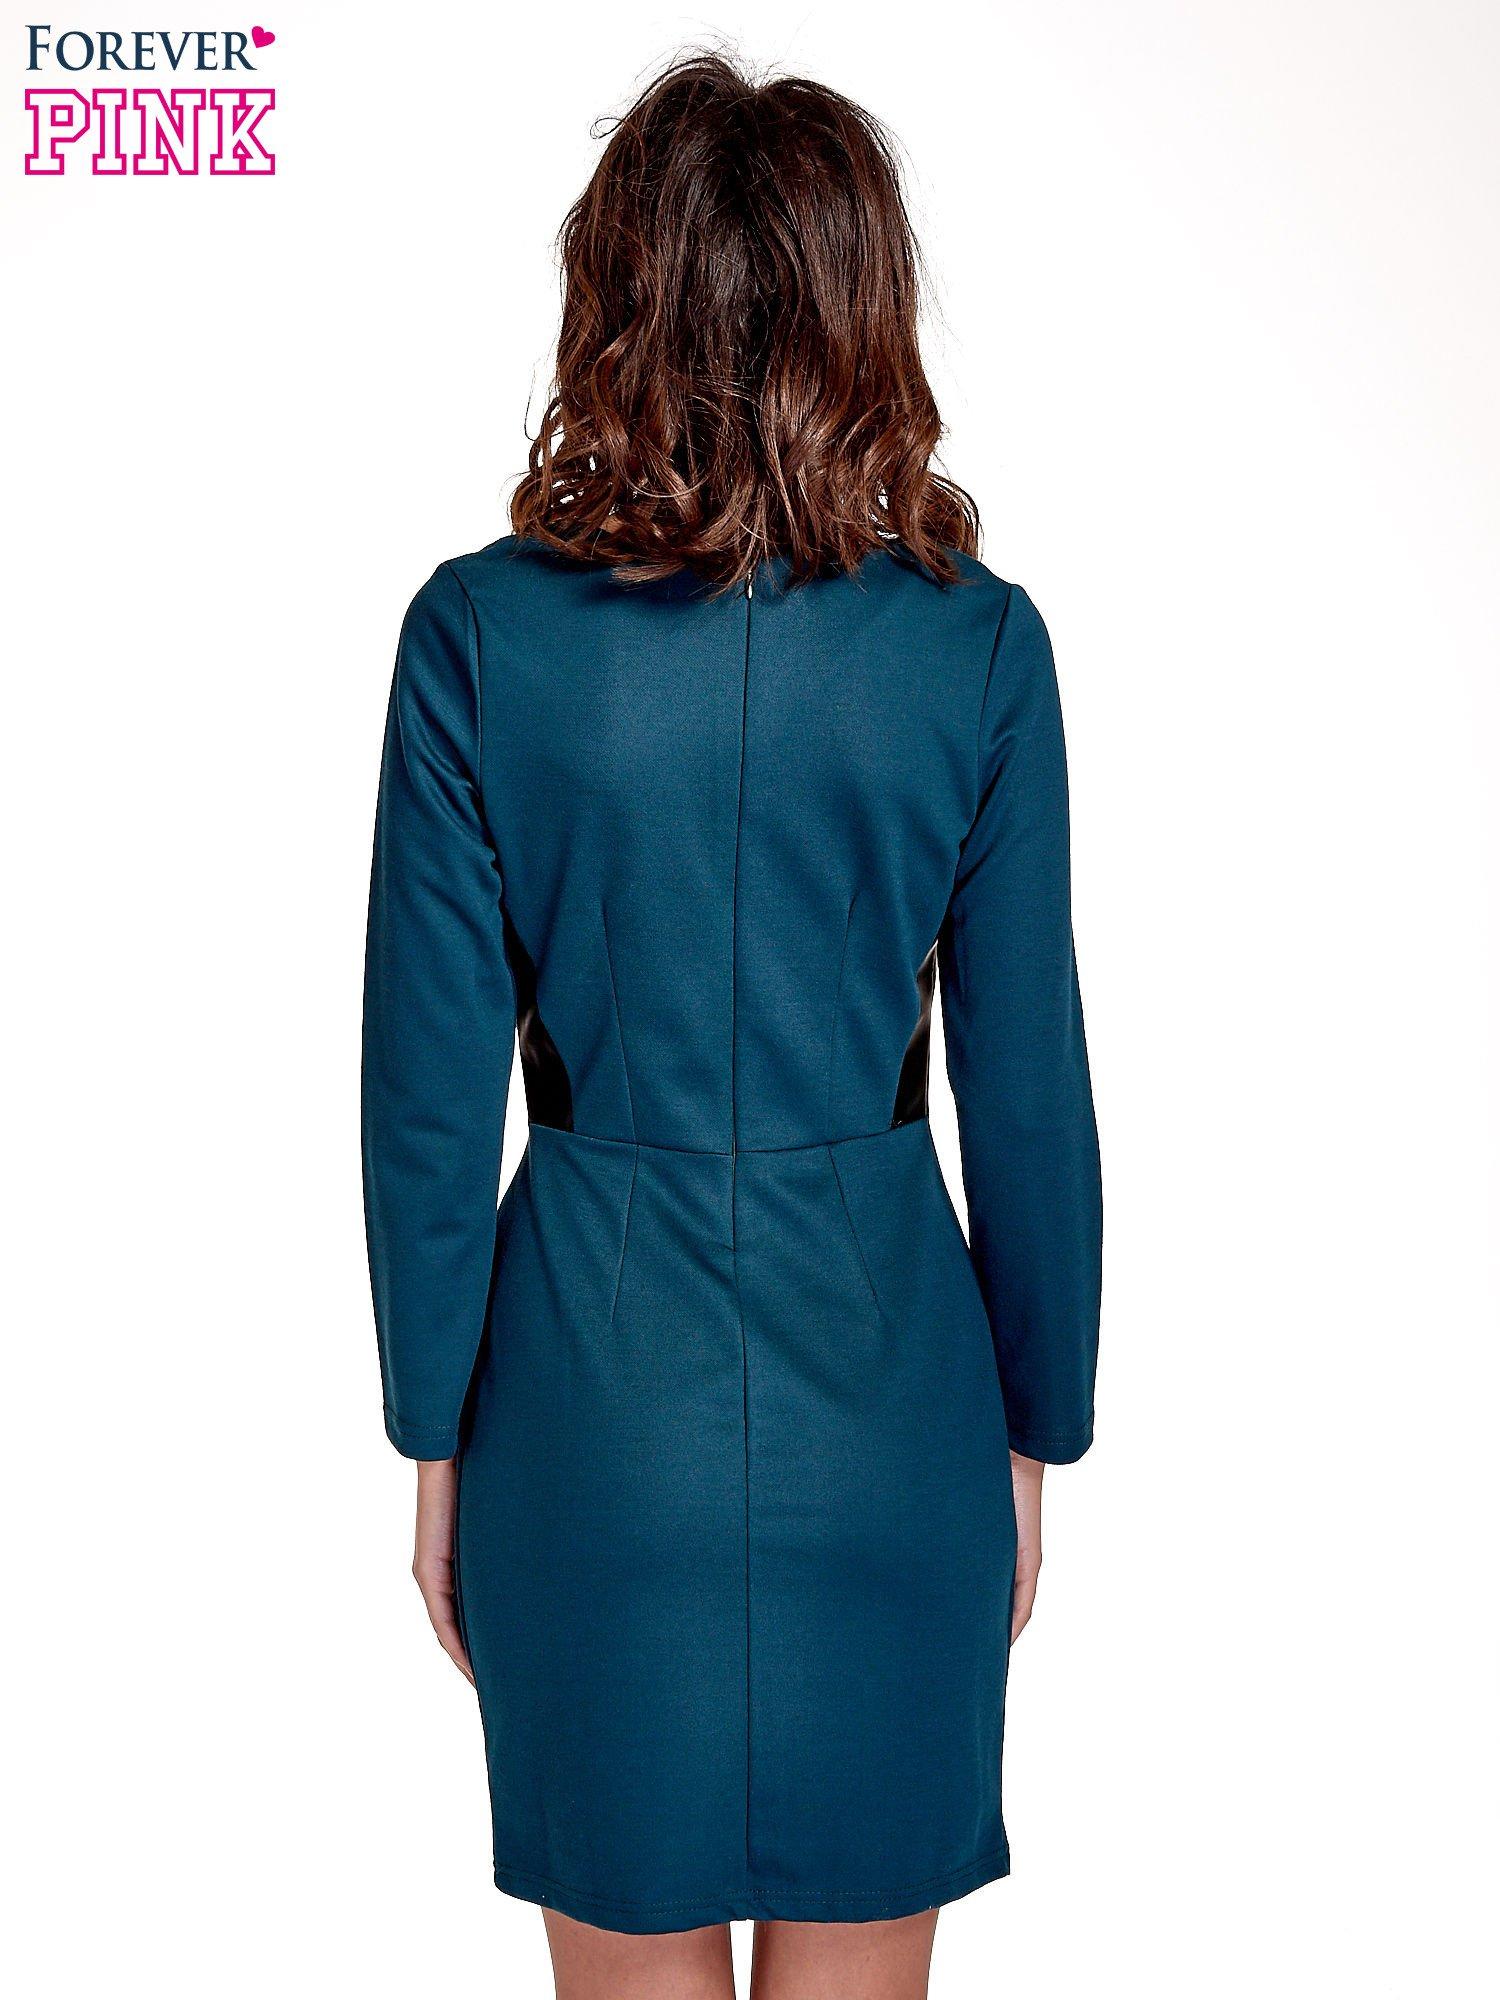 Zielona sukienka ze skórzanymi wstawkami                                  zdj.                                  4